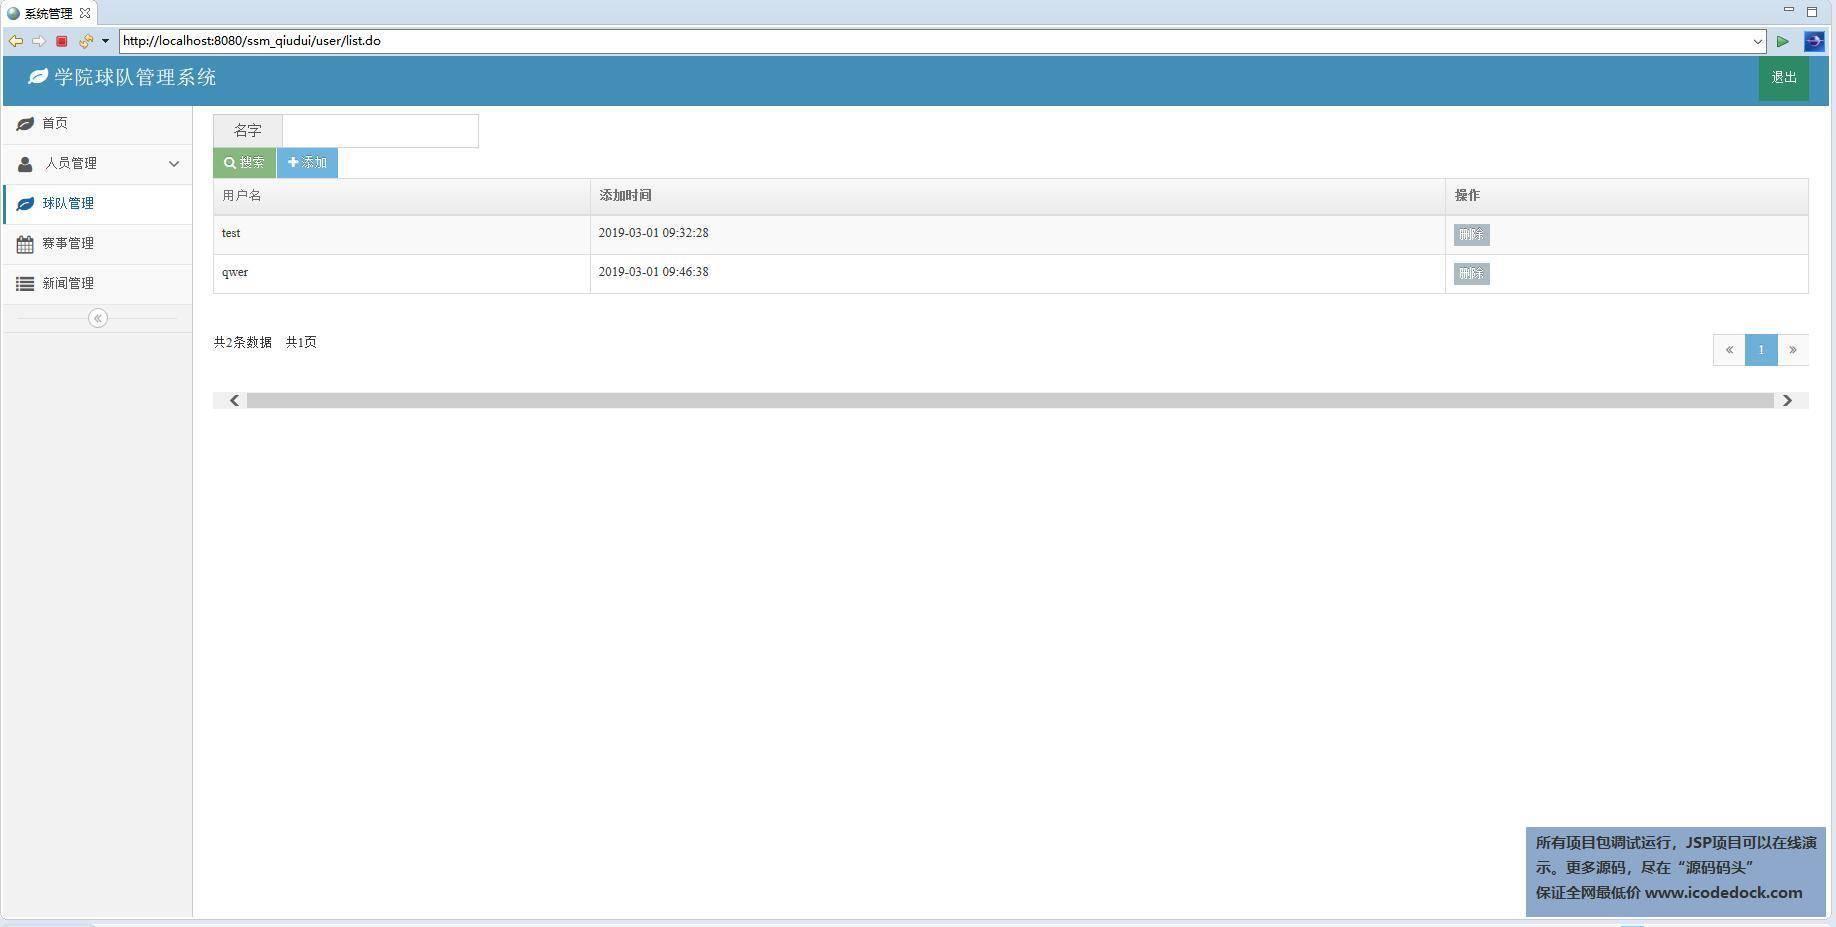 源码码头-SSM球队管理系统-管理员角色-用户管理